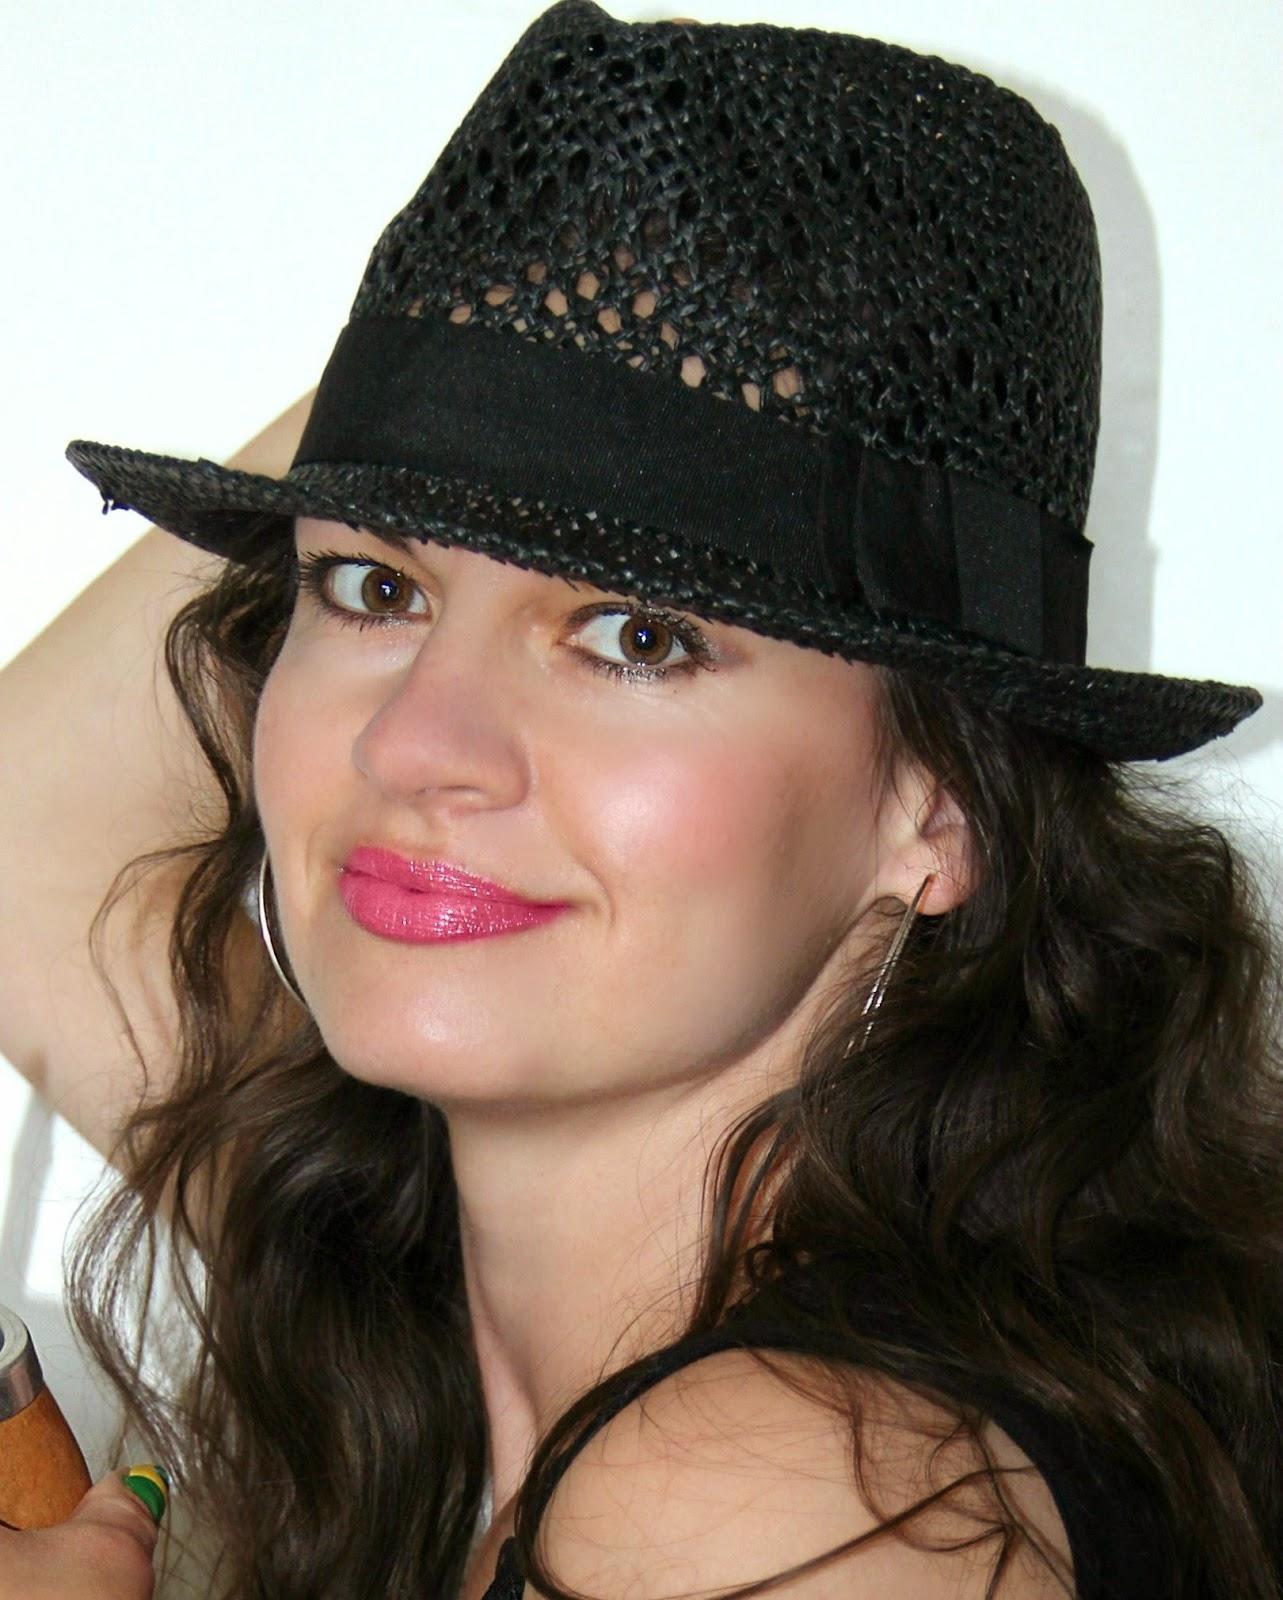 f4fcc2861f5 JASMINE   BLACK LACE  BLACK STRAW HAT from H M.......Černý slaměný ...